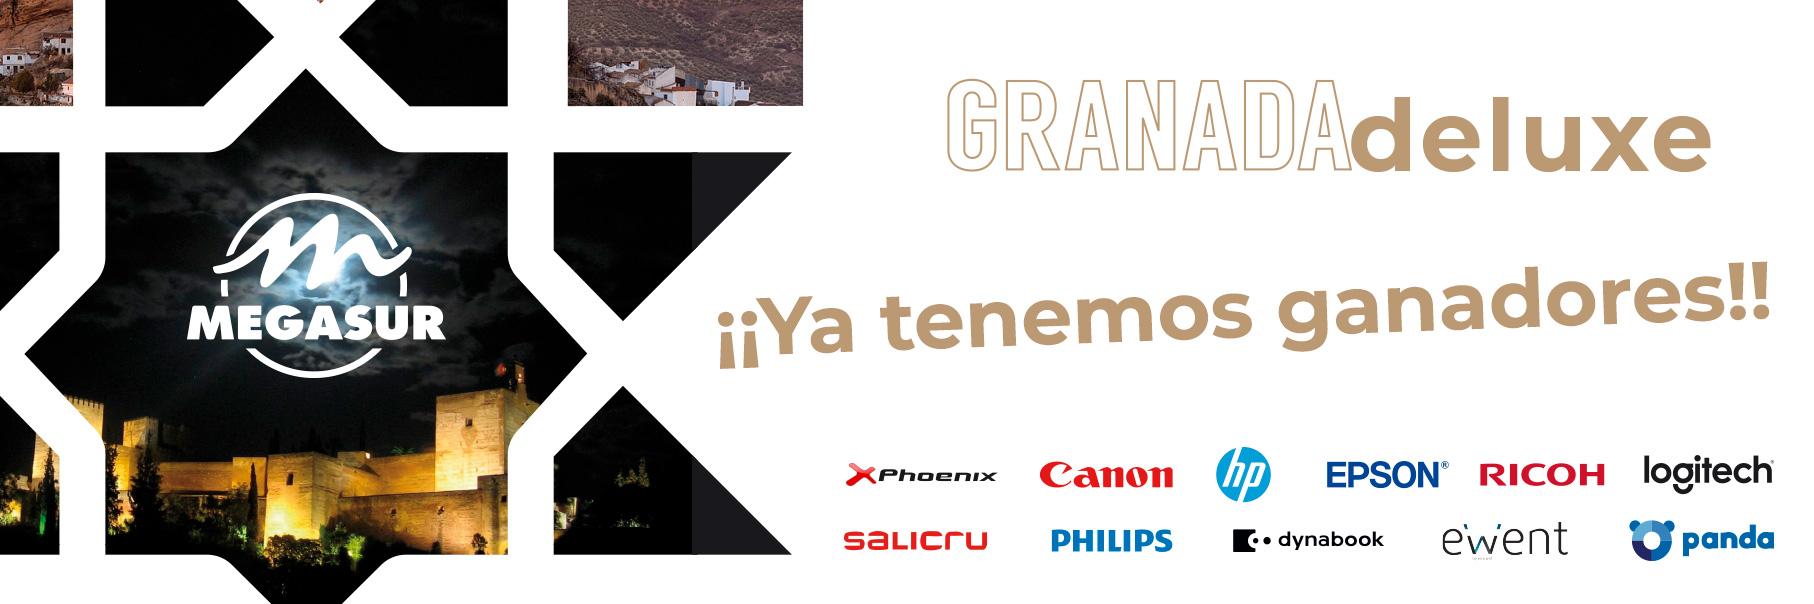 ganadores-granada